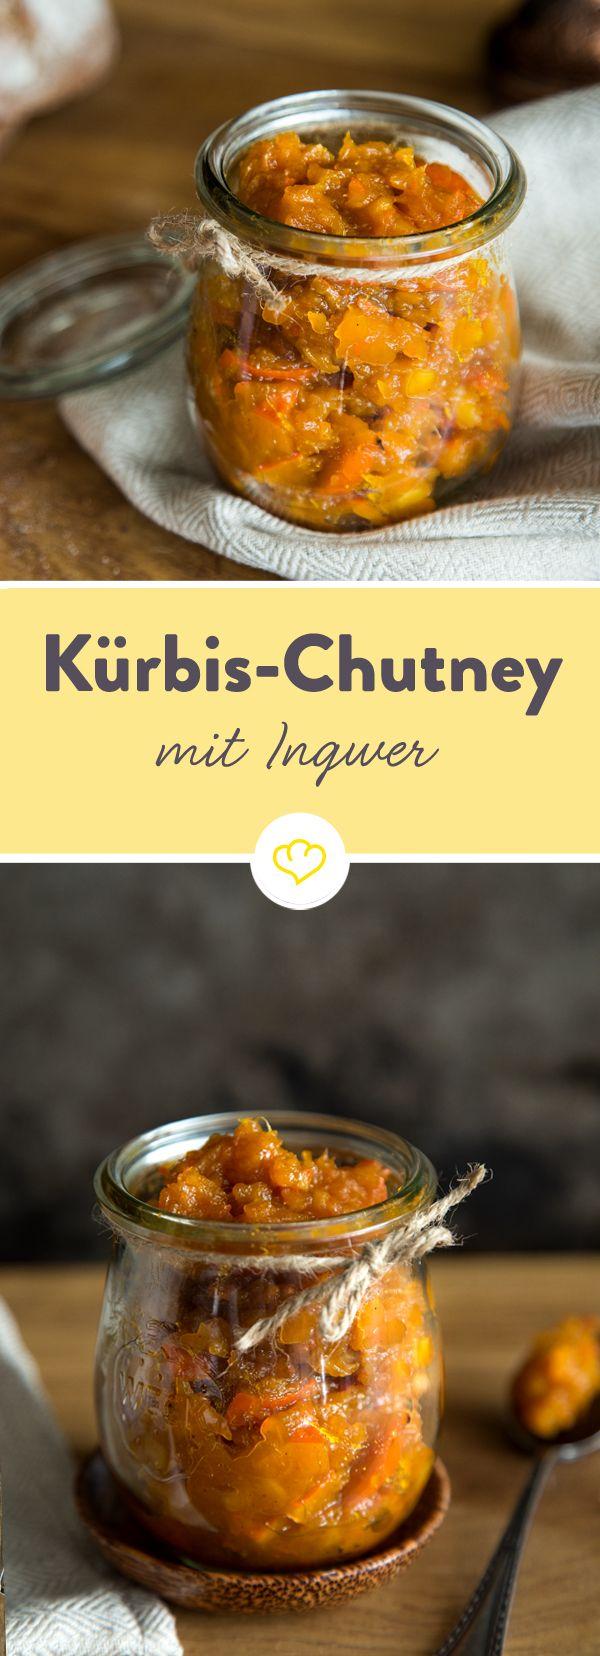 Kürbis, Orange und Ingwer werden eingekocht, abgefüllt und gemeinsam zu einem süß-scharfen Erlebnis auf der Zunge, das Herbst-Liebhaber glücklich macht.